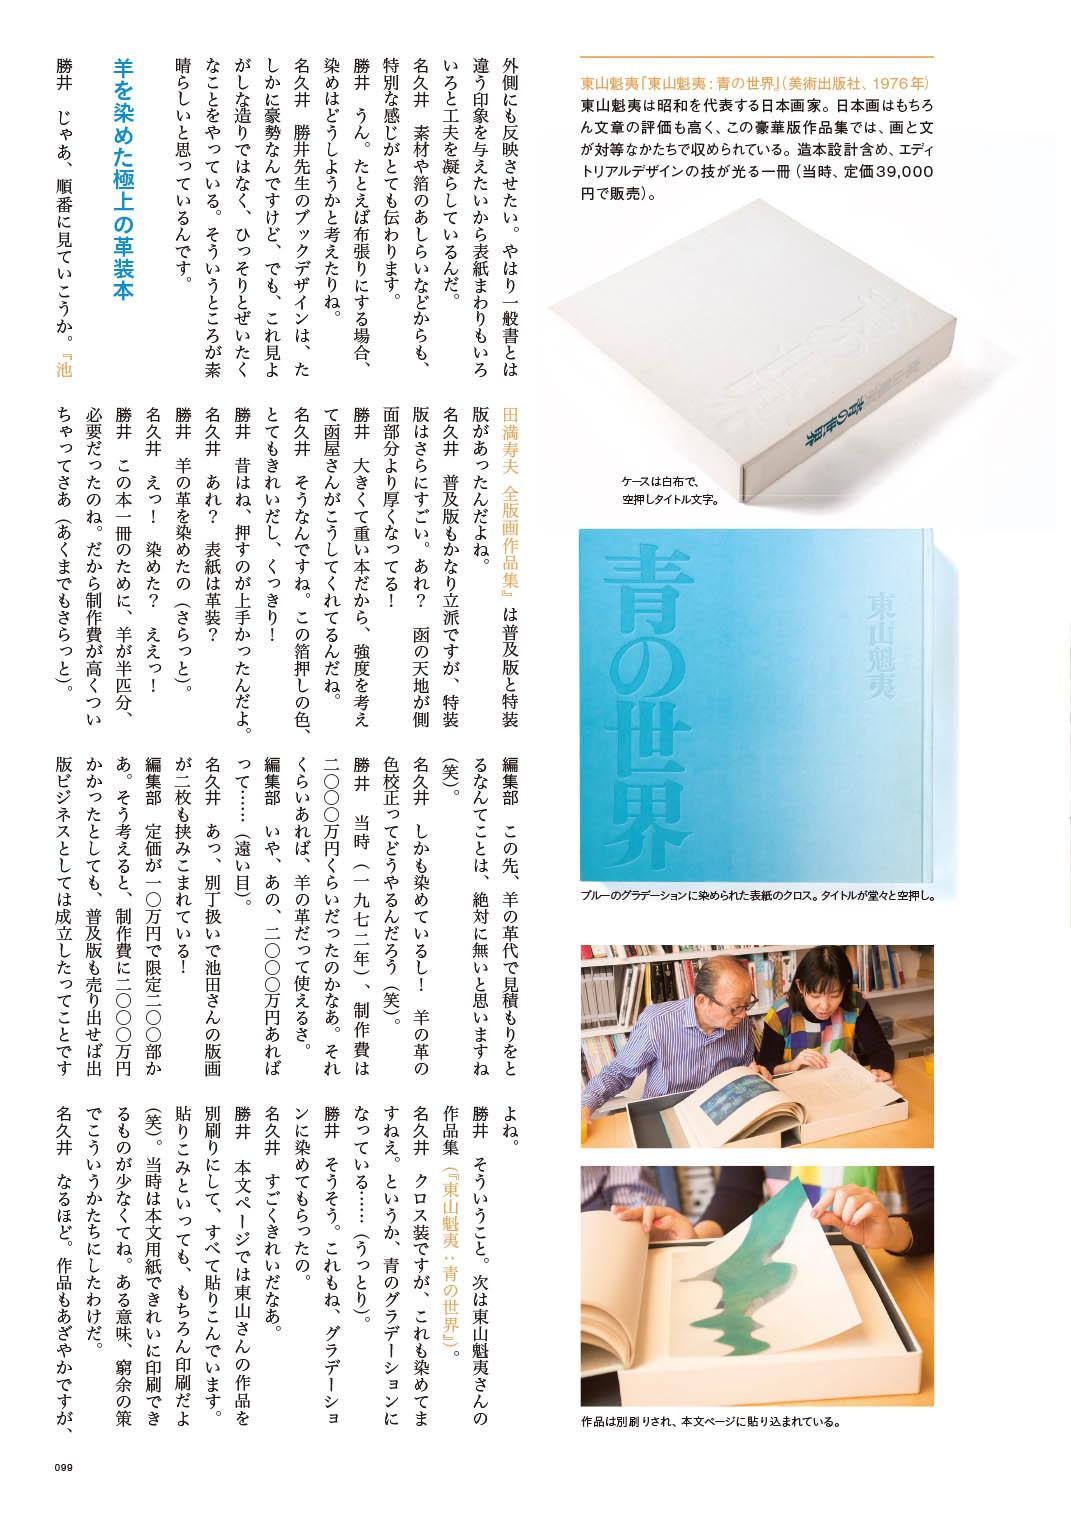 勝井三雄先生の記事を掲載いたします。_c0207090_13295180.jpg